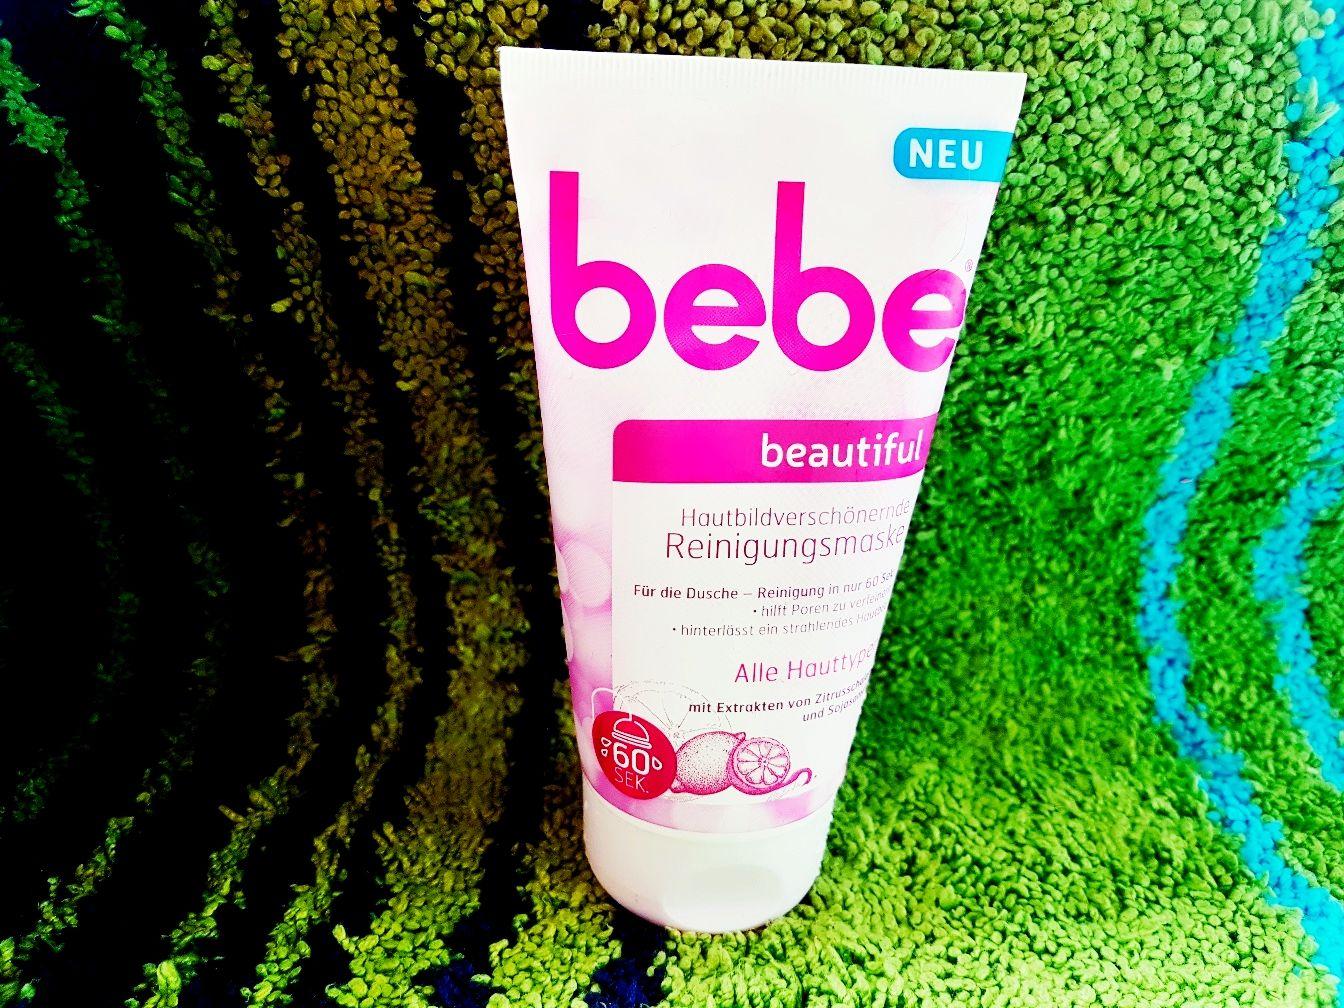 Bebe Beautiful Hautbildverschönernde Reinigungsmaske mit Extrakten von Zitrusschalen und Sojasamen